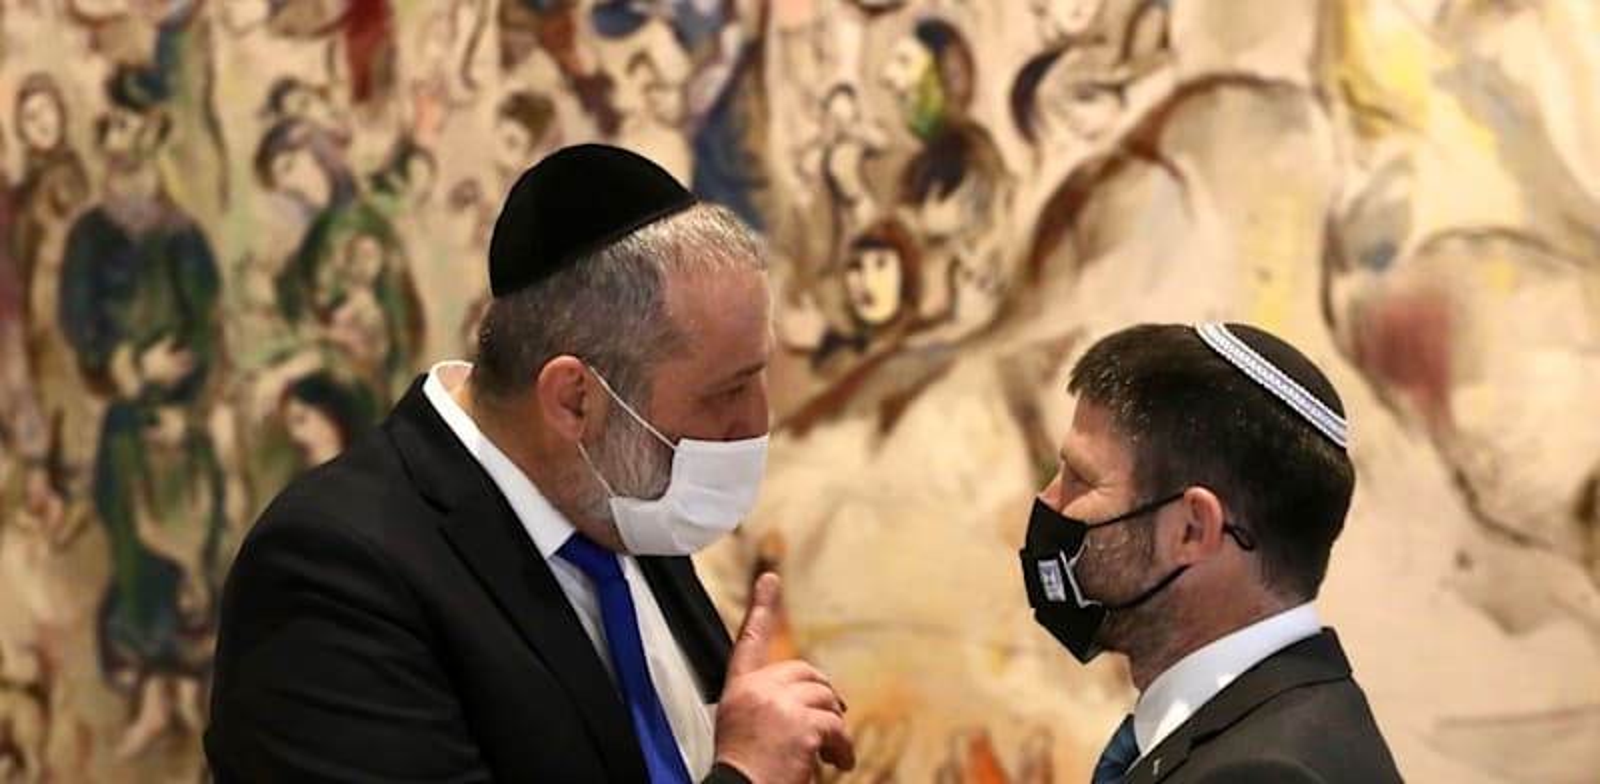 סמוטריץ' ודרעי בטקס ההשבעה של הכנסת ה־24 / צילום: מארק ישראל סלם - הג'רוזלם פוסט